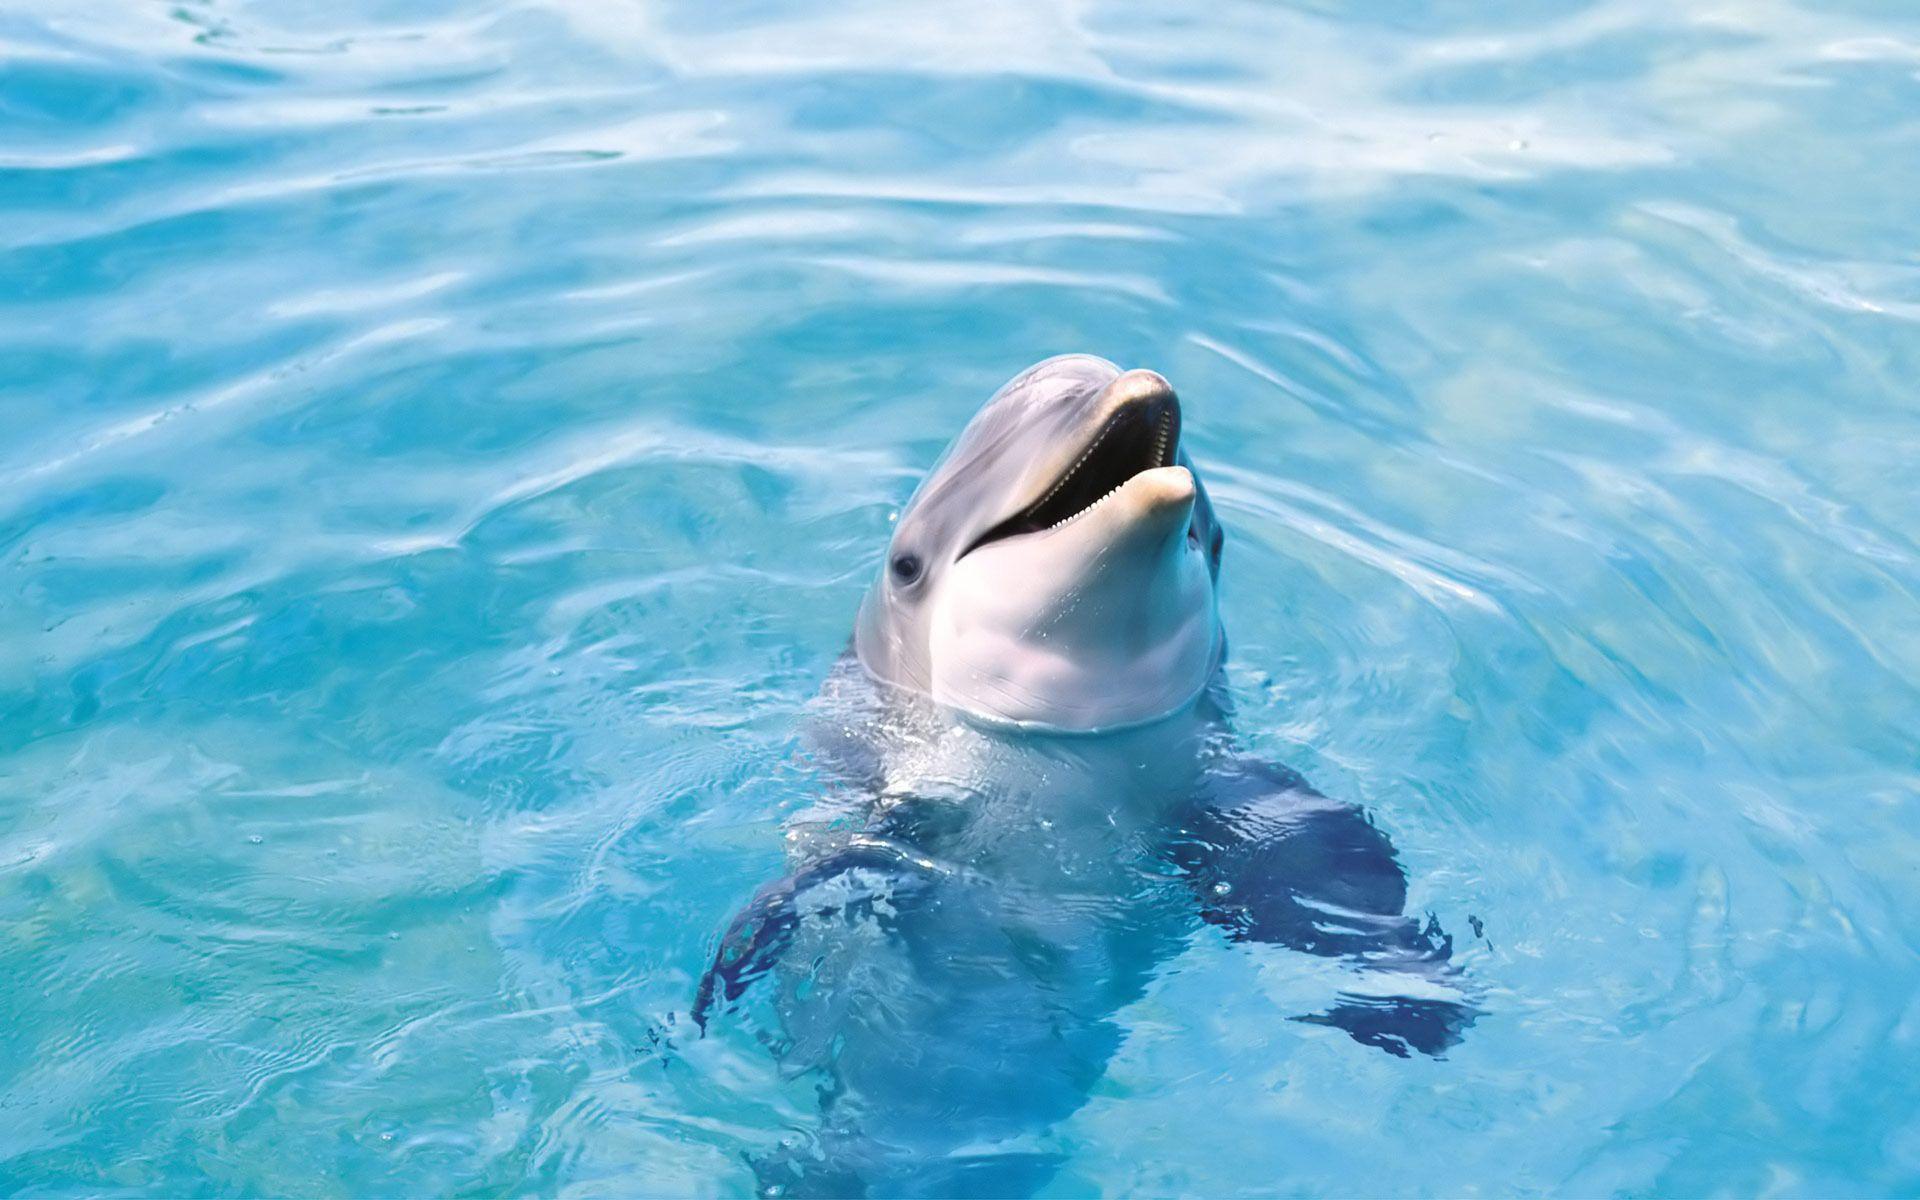 Cute Dolphin Wallpaper | BEAUTIFUL